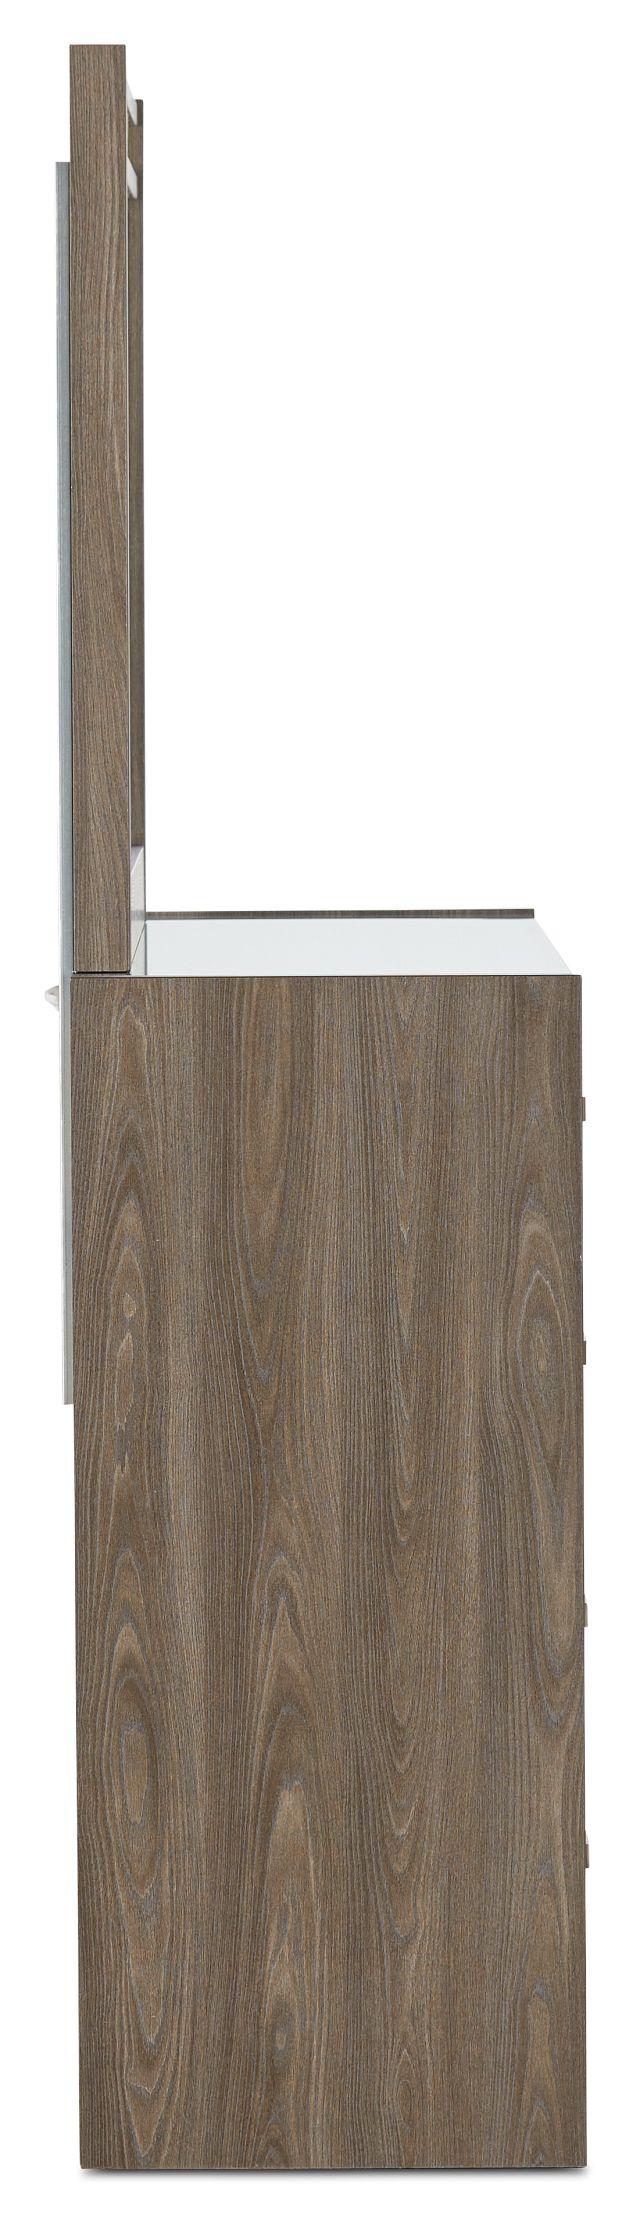 Sutton Light Tone Dresser & Mirror (2)